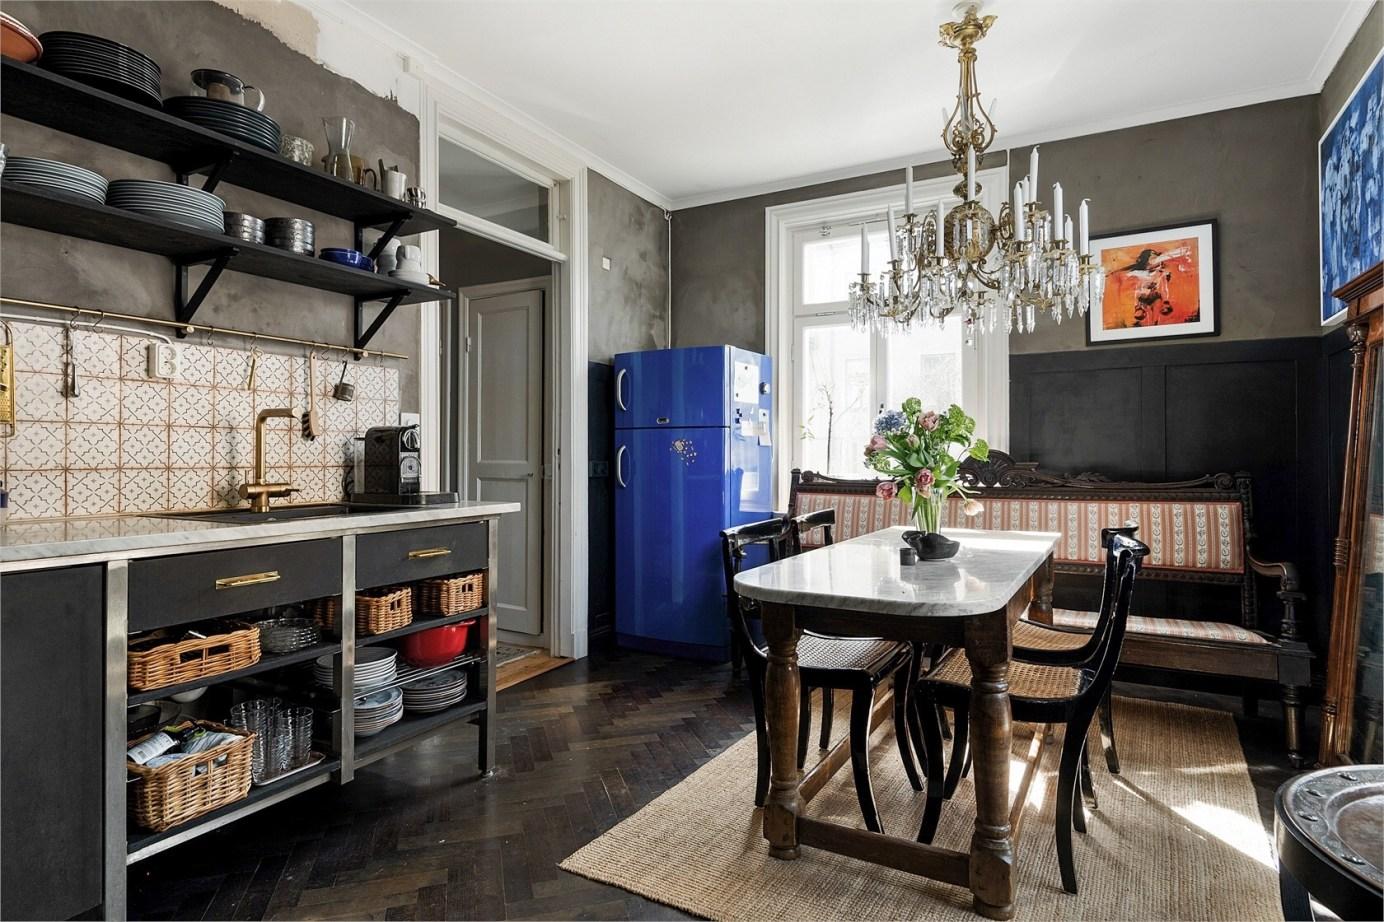 kitchen blue fridge